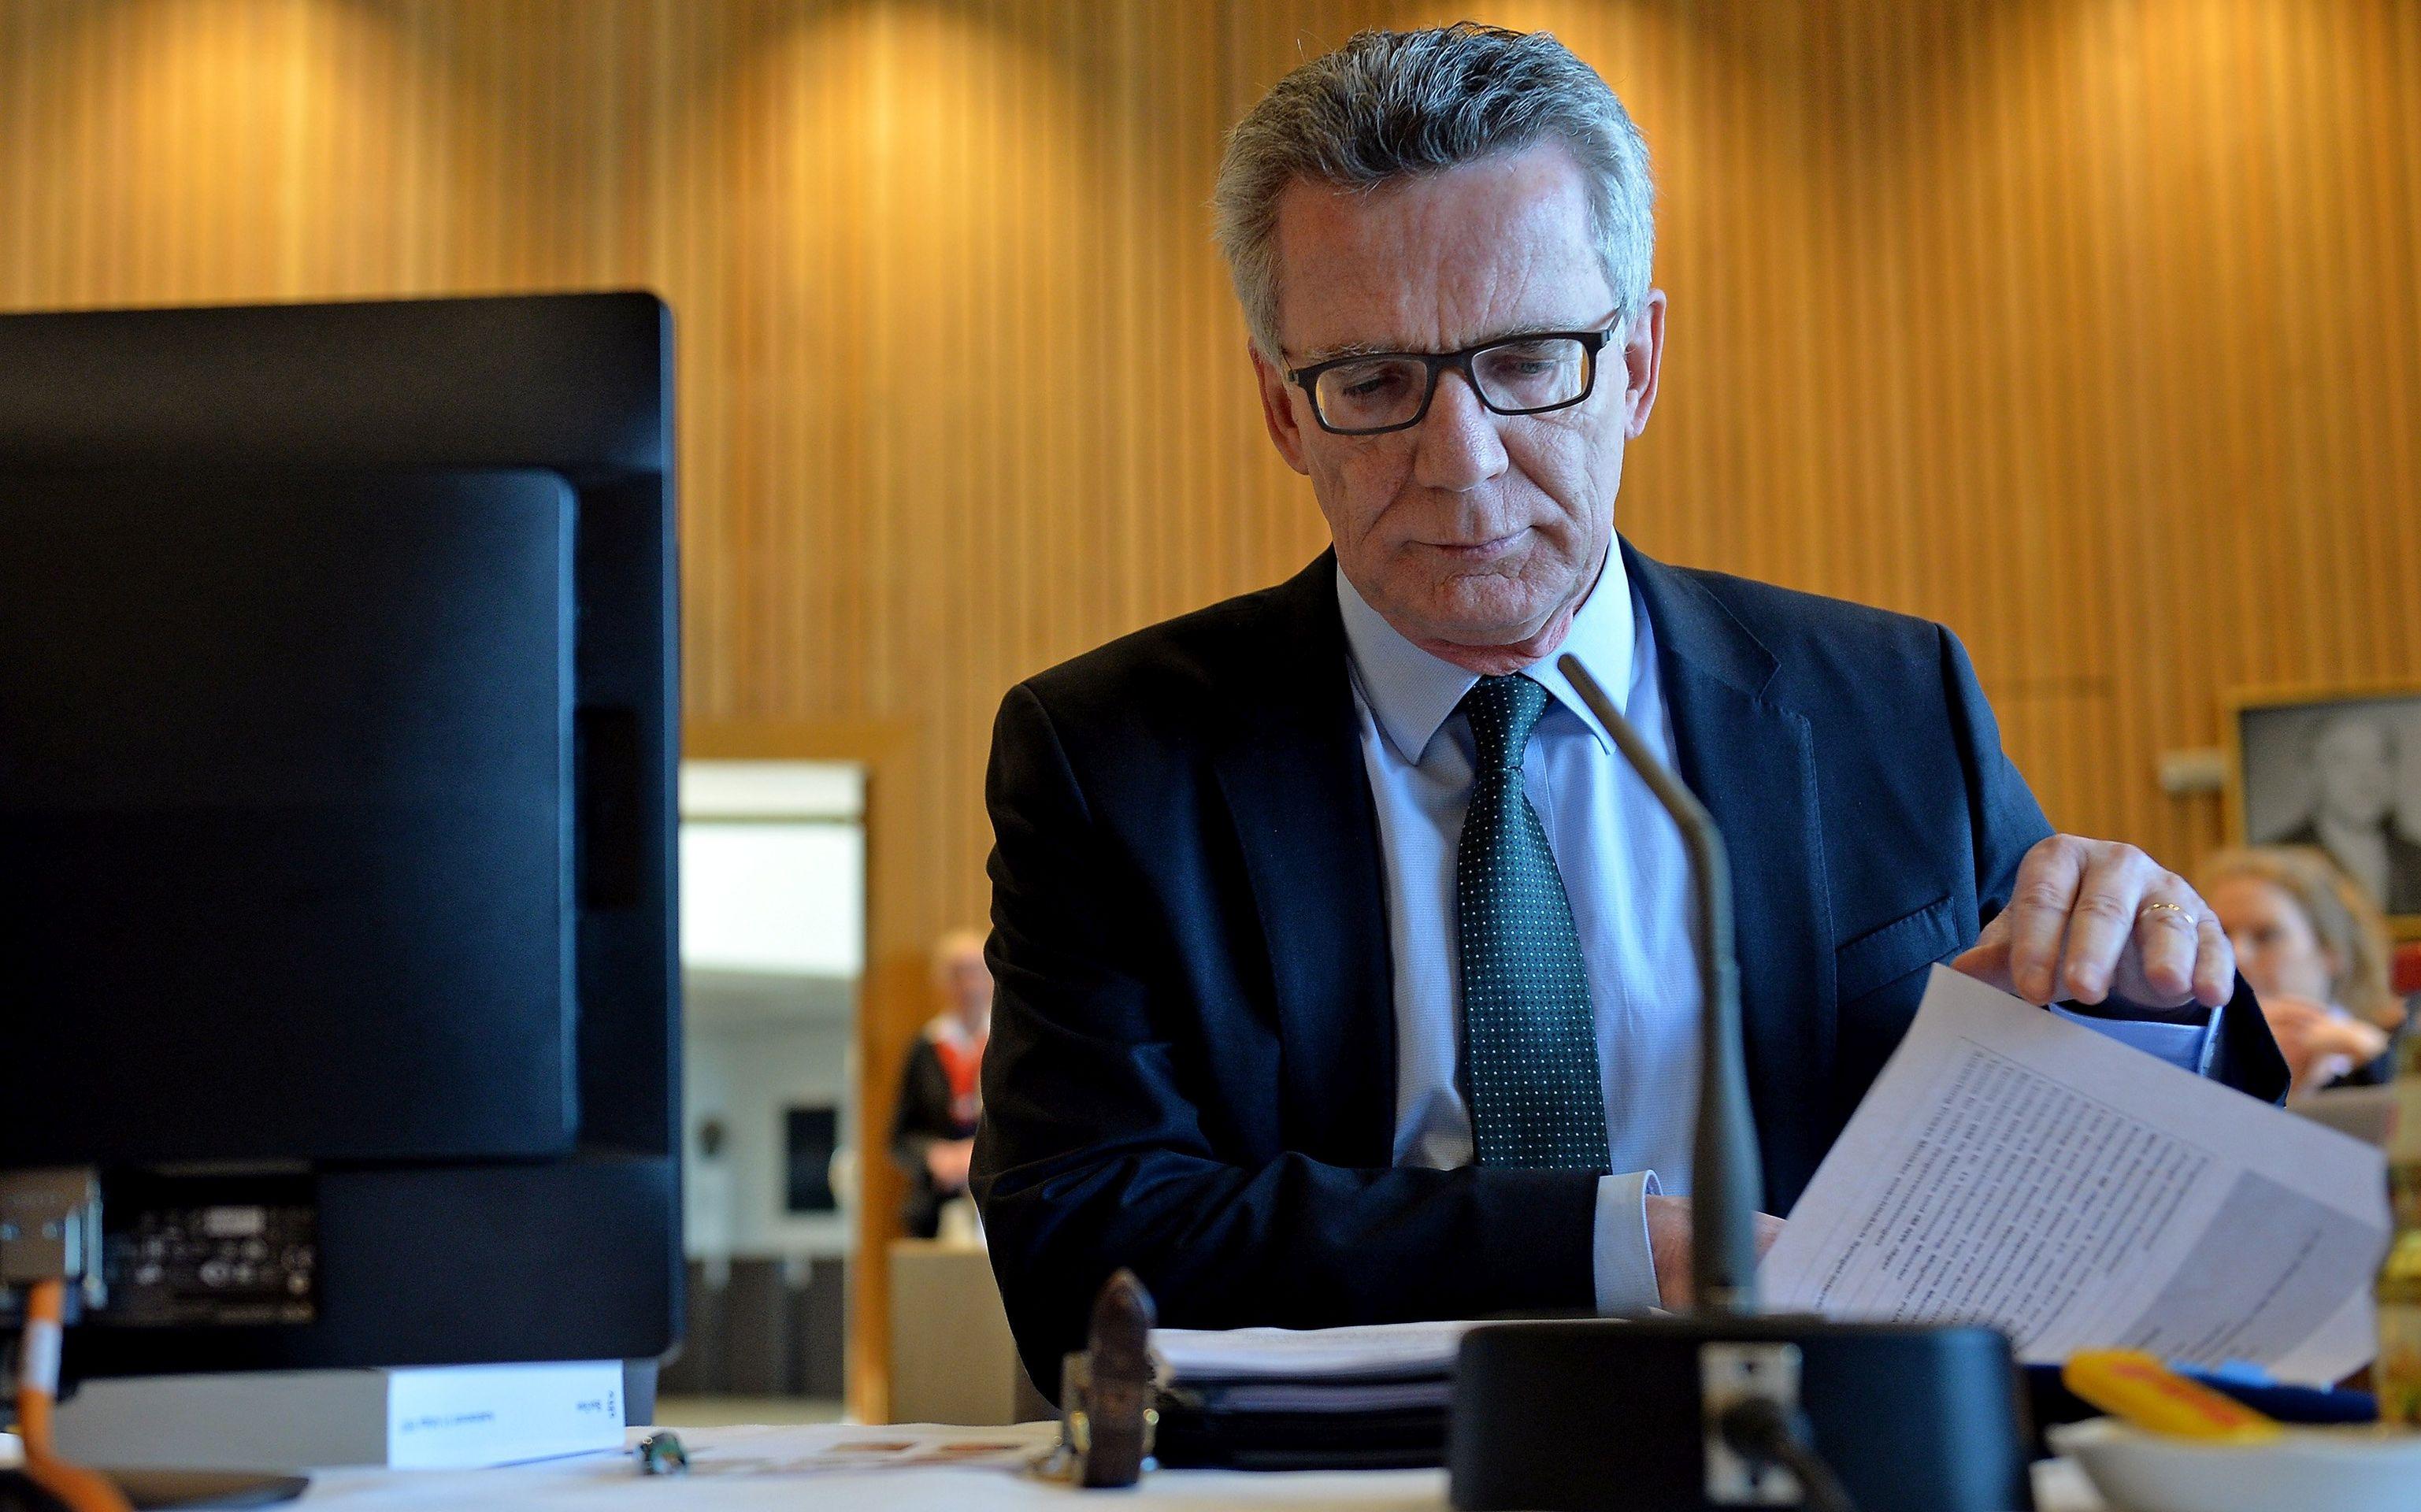 De Maiziere tvrdi da je bilo moguće spriječiti atentatora na berlinski božićni sajam